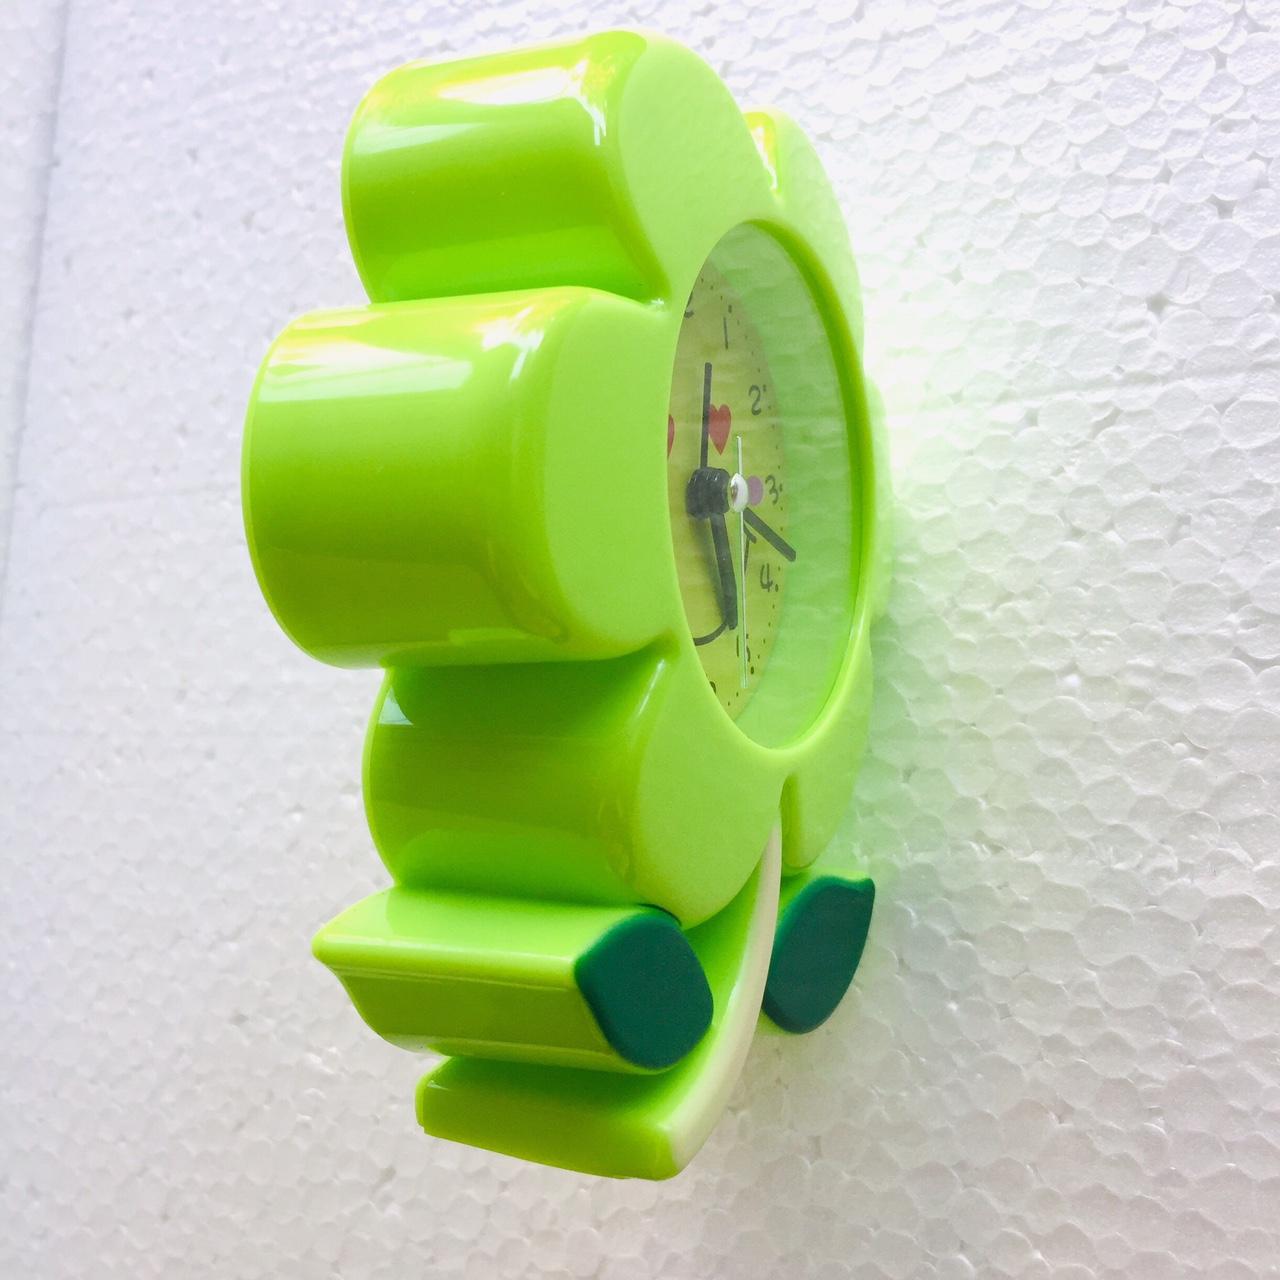 Đồng hồ báo thức để bàn Hoa mai- 7029 (xanh lá) - Giao màu ngầu nhiên